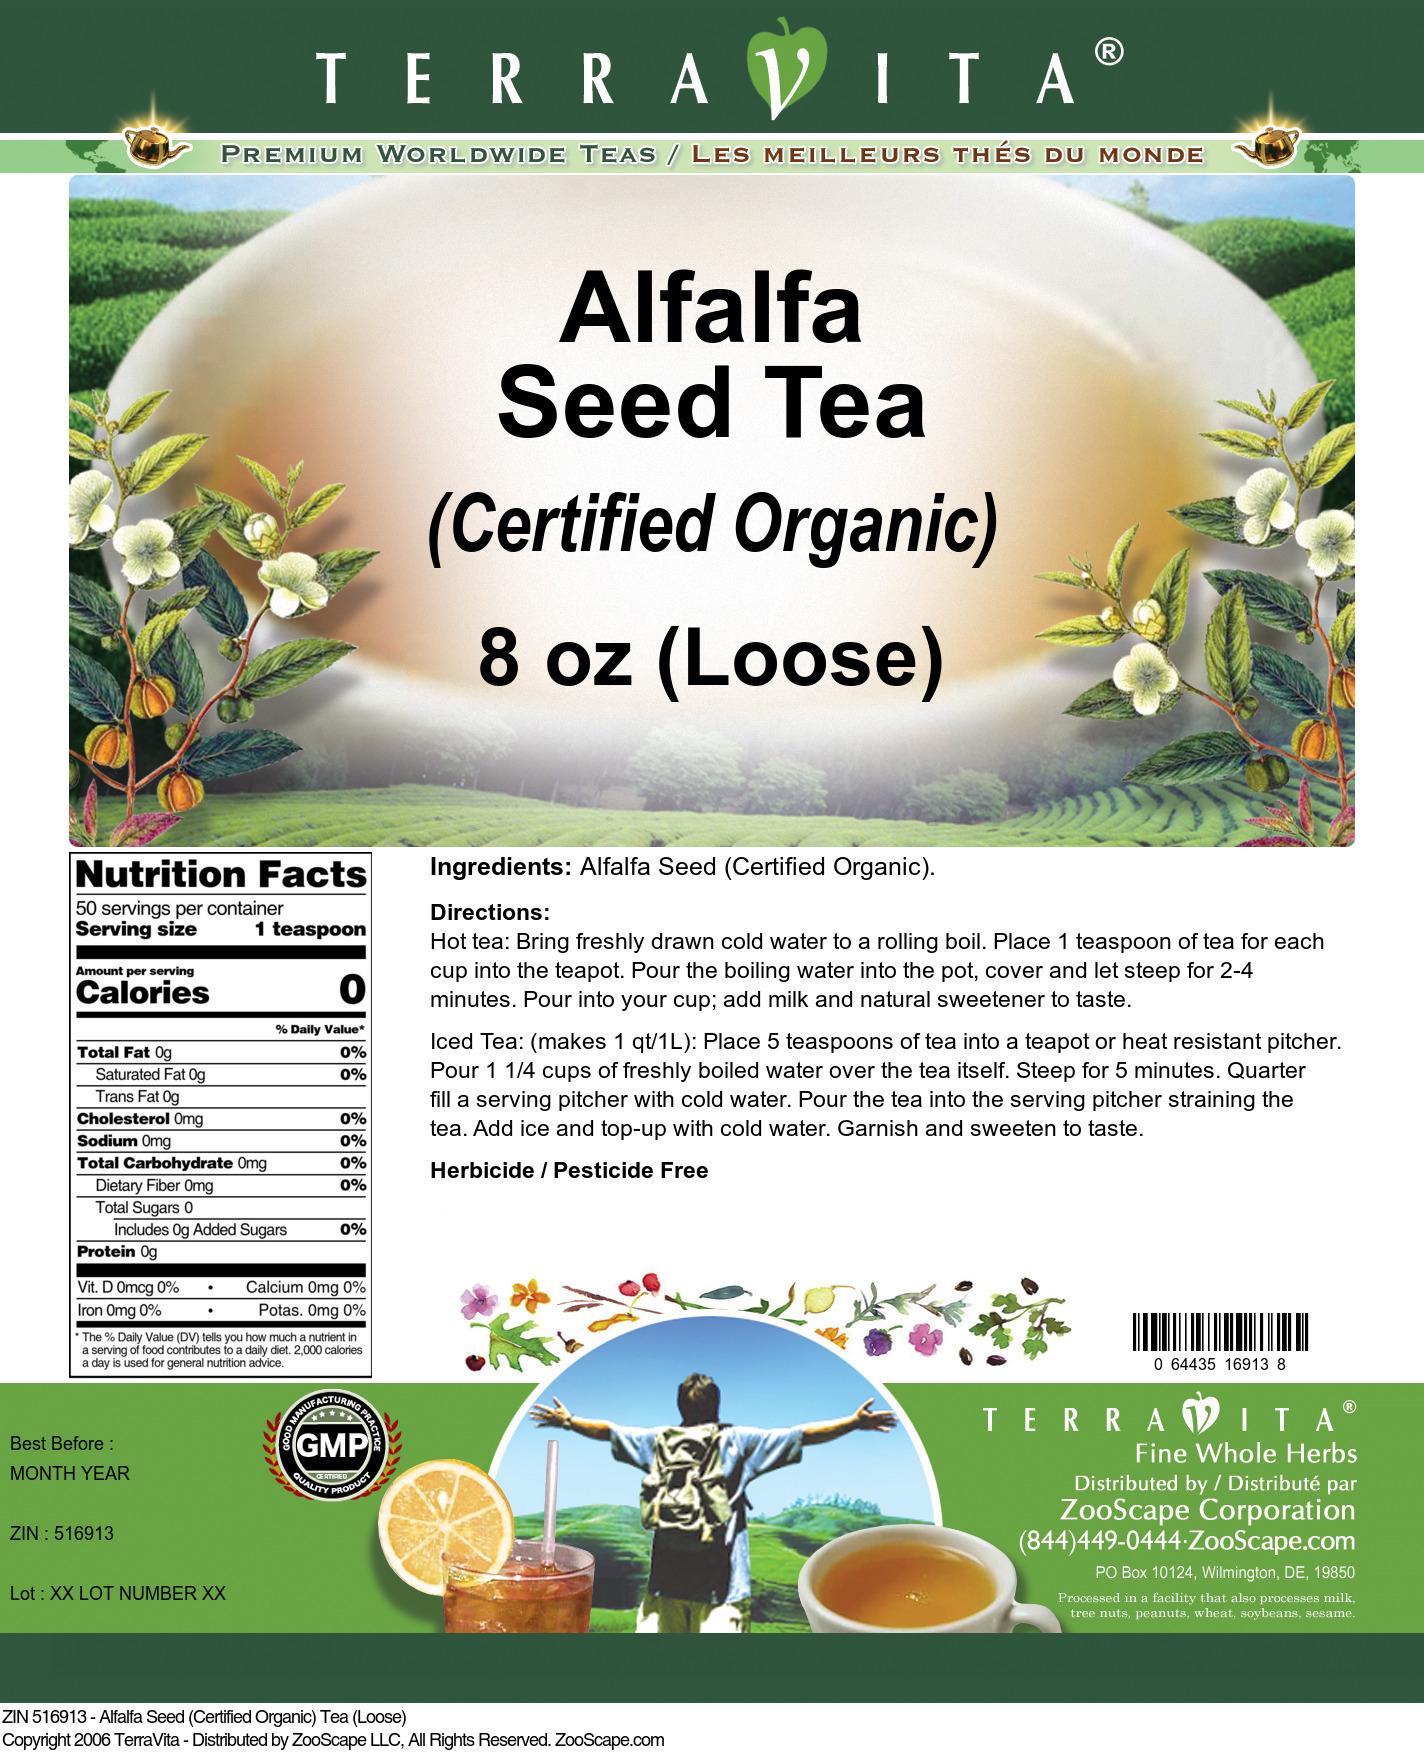 Alfalfa Seed (Certified Organic) Tea (Loose)